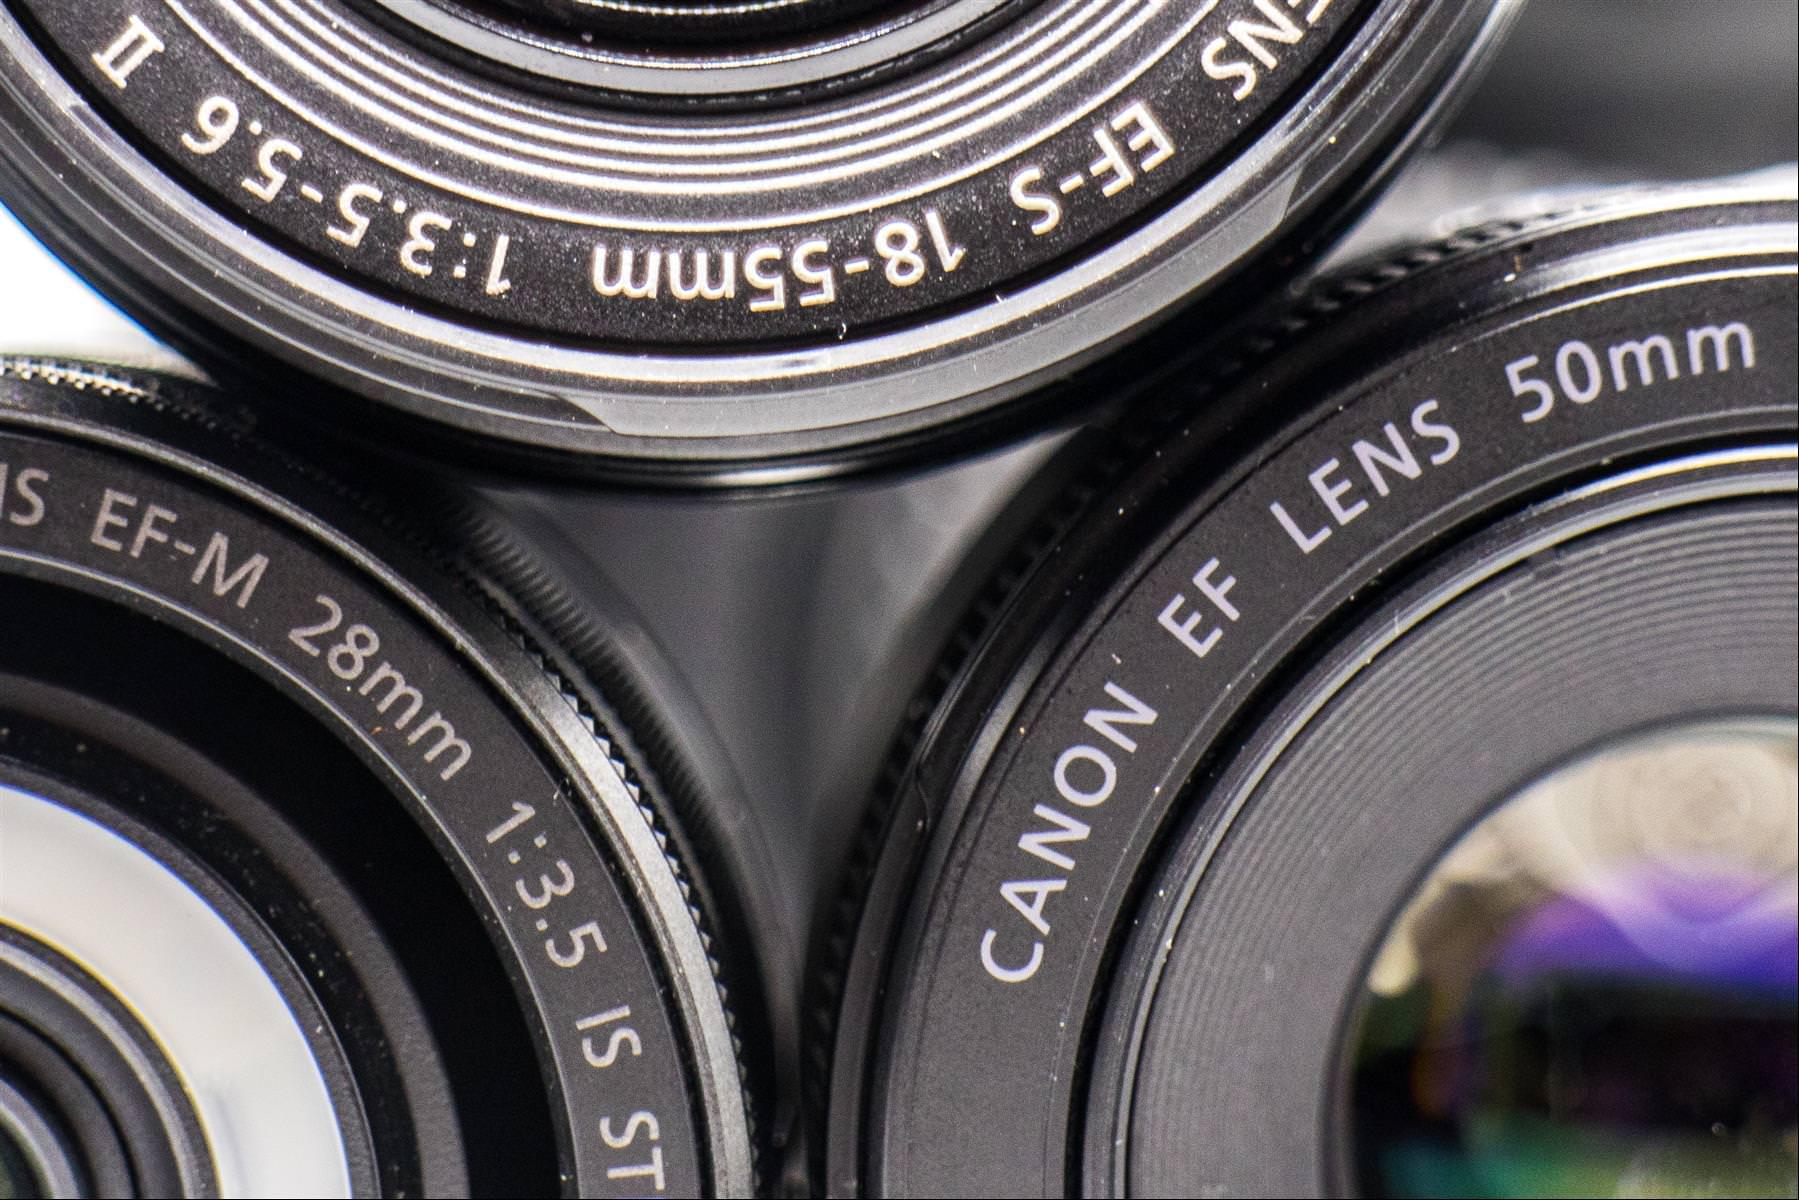 canon 鏡頭代號